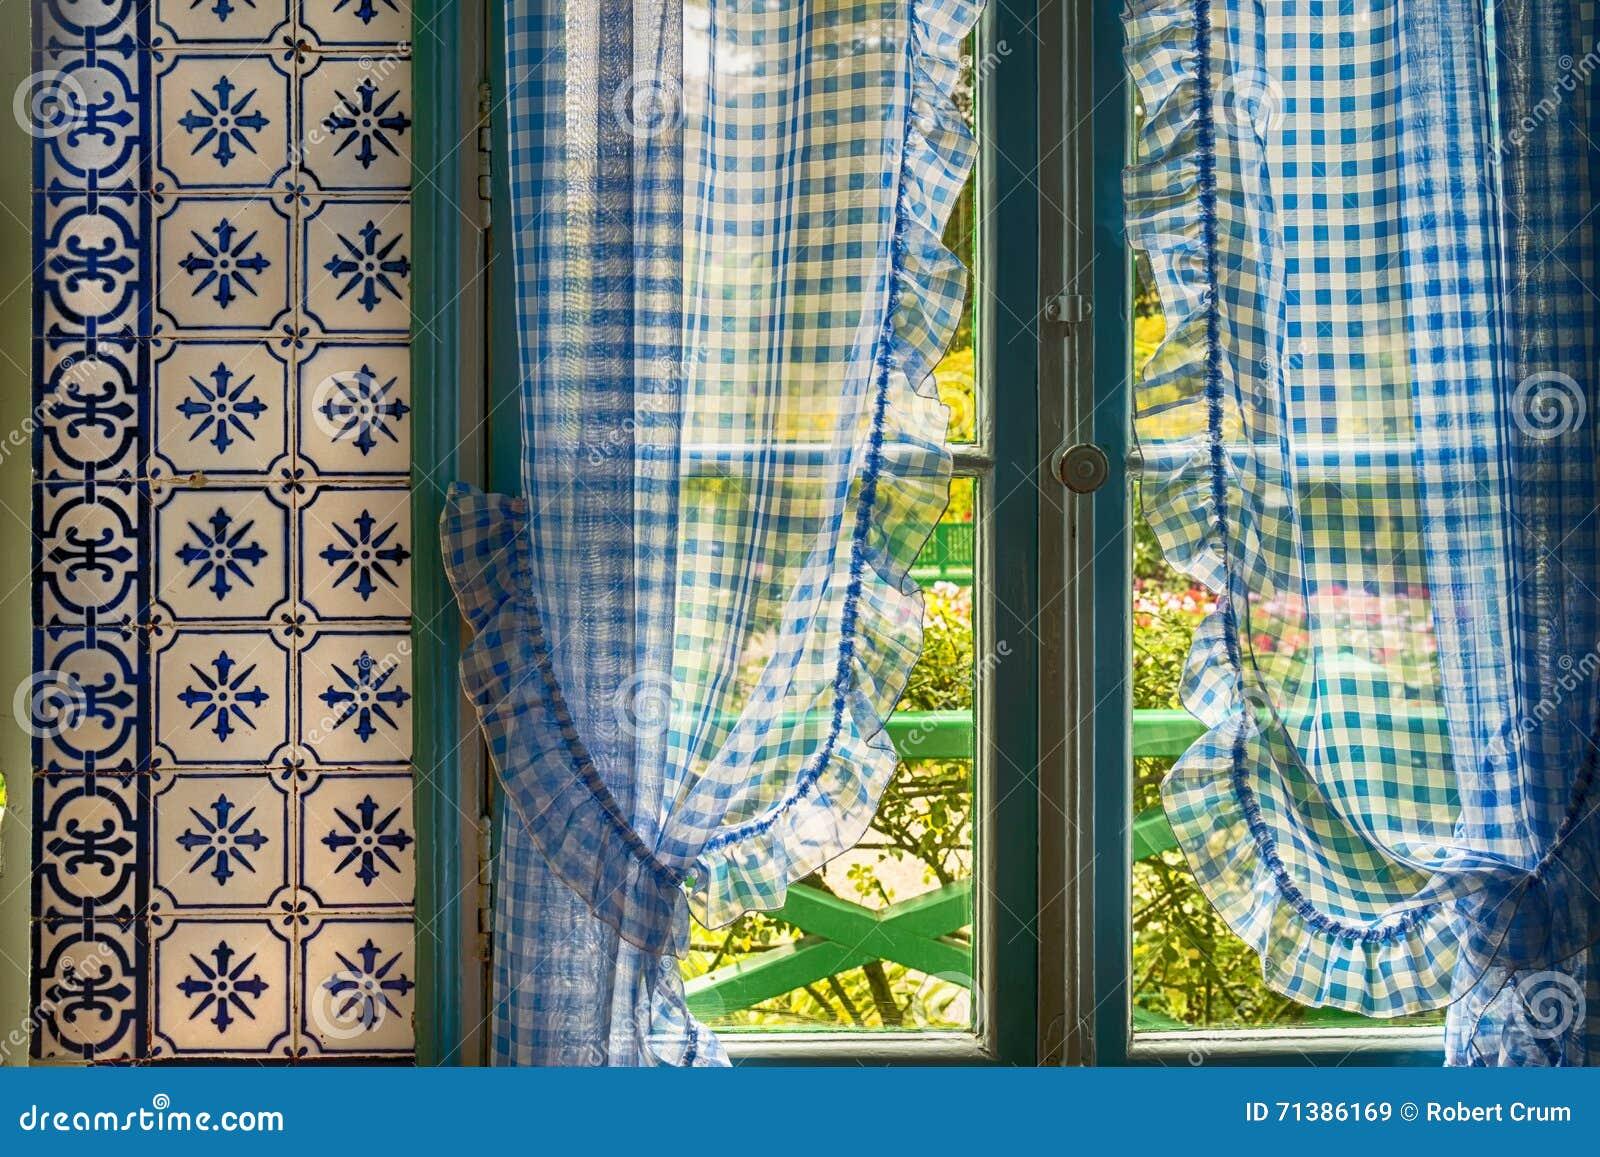 blauwe gordijnen in het huis van monet in giverny frankrijk